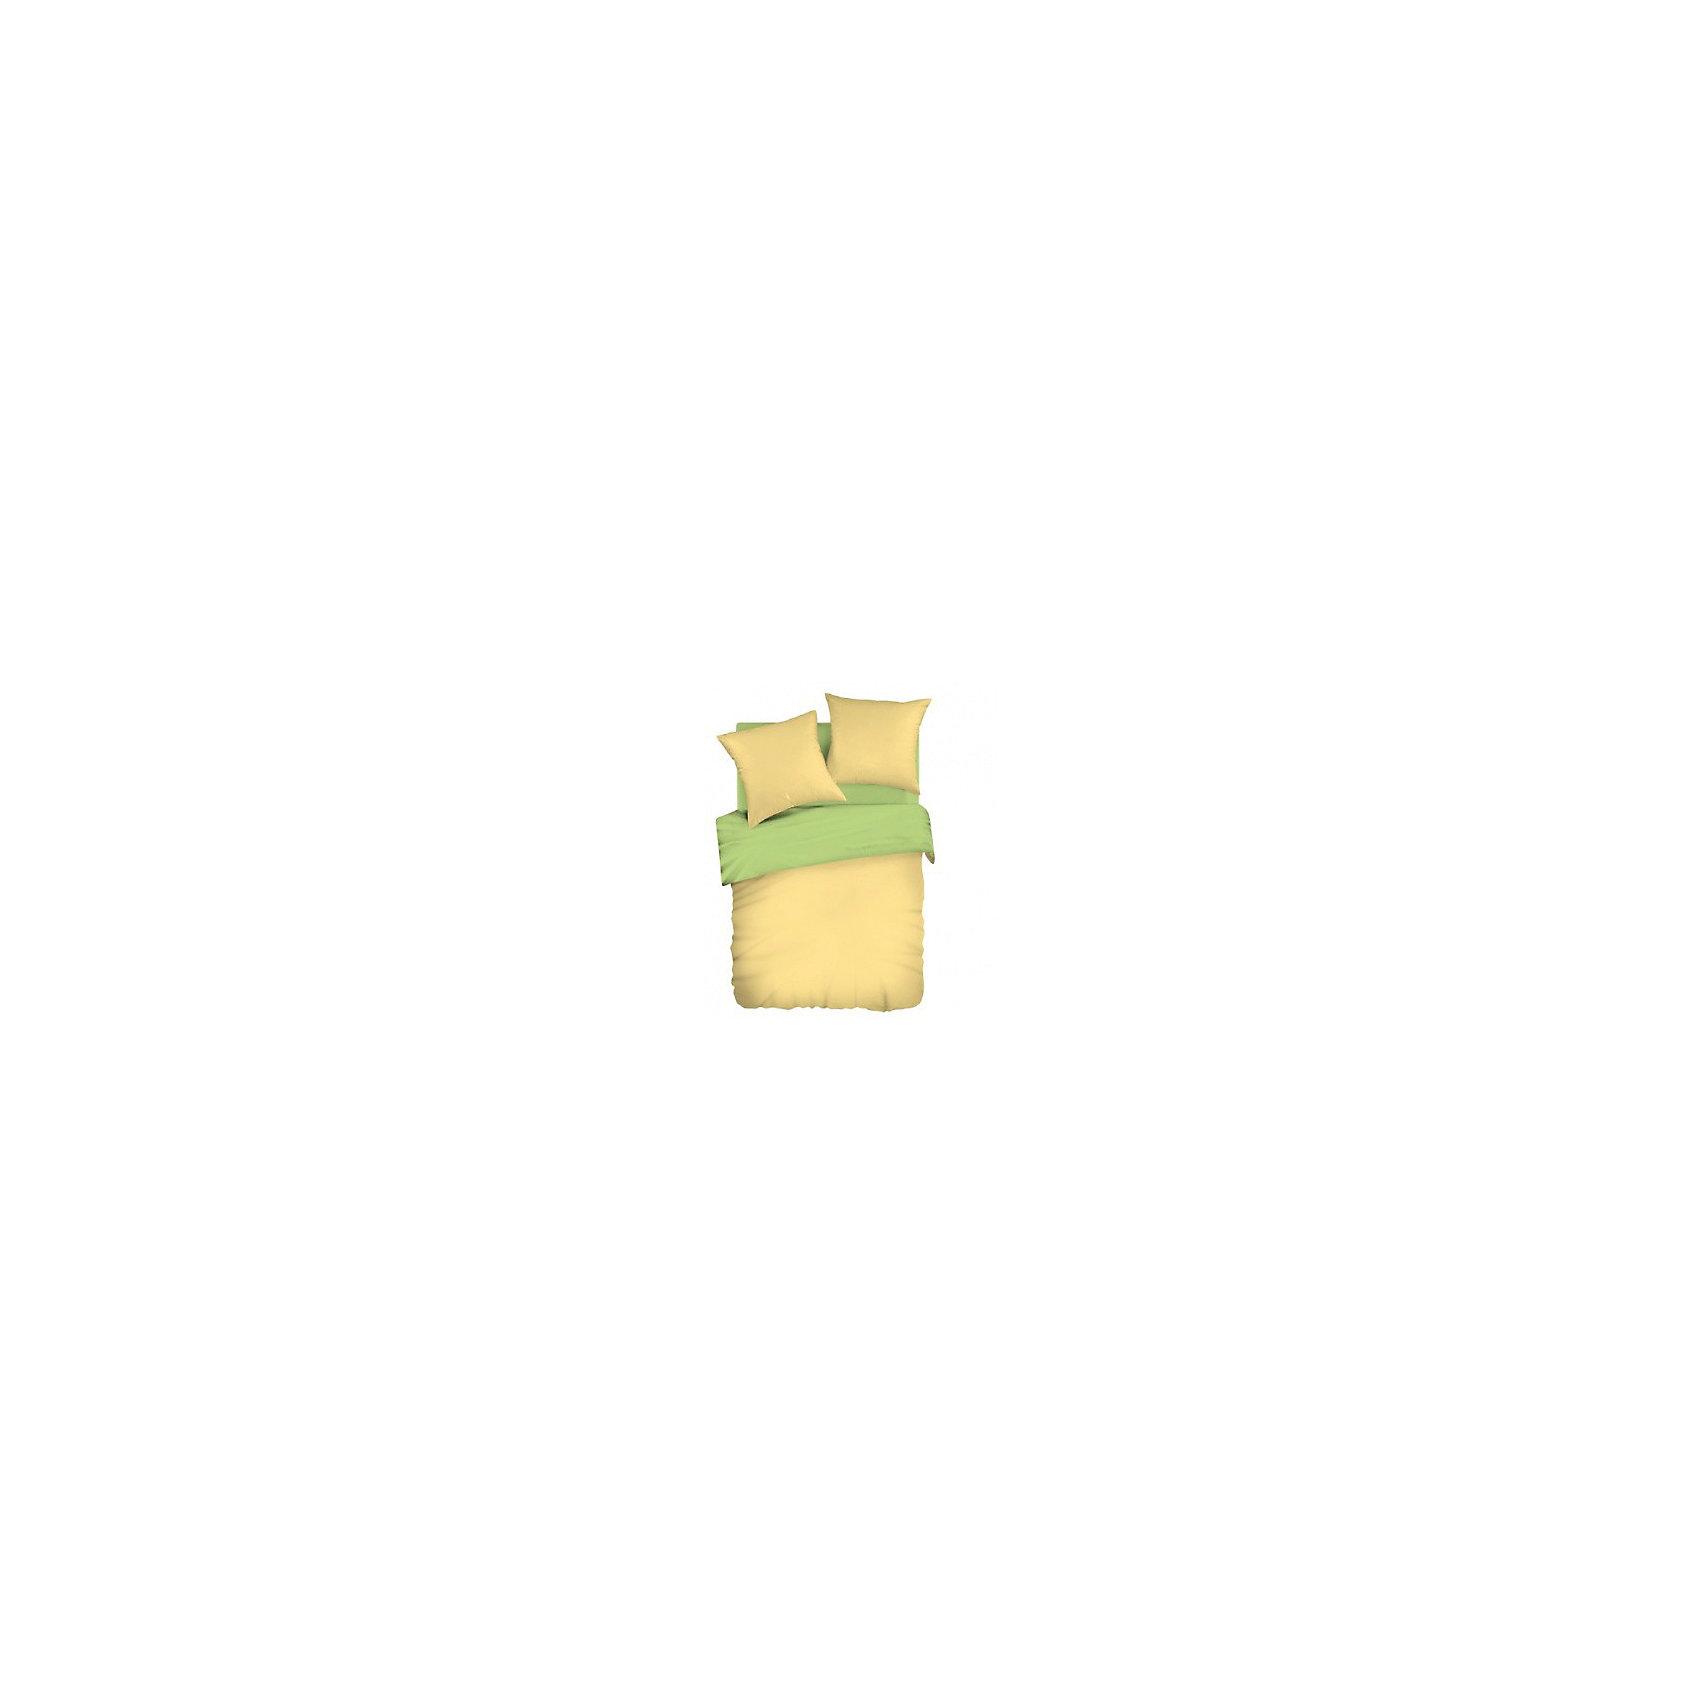 Постельное белье 2,0 сп. Wenge Uno, жёлто-салатовыйДомашний текстиль<br>Характеристики 2-хспального комплекта постельного белья   Wenge Uno  БИО Комфорт, бруснично-бирюзовый:<br><br>- производитель: Неотек<br>- материал: бязь<br>- состав: 100% хлопок<br>- размер комплекта: двуспальный<br>- размер пододеяльника: 215*175 см.<br>- размер простыни: 220*240 см.<br>- размер наволочек: 70*70 (2 шт)<br>- упаковка комплекта: книжка пвх<br>- страна бренда: Россия<br>- страна производитель: Россия<br><br>Постельное белье серии Wenge - это идеальный выбор для современных молодых семей и всех тех, кто ценит комфорт и уют, следит за модными тенденциями в мире текстиля. Это не дорогой, но качественный продукт, выполненный из отечественной бязи высокой плотности. Благодаря современным технологиям окраски тканей, изделия сохраняют яркость даже после многократных стирок. Тип печати: реактивная.<br><br>Комплекта постельного белья   Wenge Uno  жёлто-салатовый серии Wenge Motion можно купить в нашем интернет-магазине.<br><br>Ширина мм: 370<br>Глубина мм: 70<br>Высота мм: 370<br>Вес г: 2100<br>Возраст от месяцев: 216<br>Возраст до месяцев: 1188<br>Пол: Унисекс<br>Возраст: Детский<br>SKU: 5100136